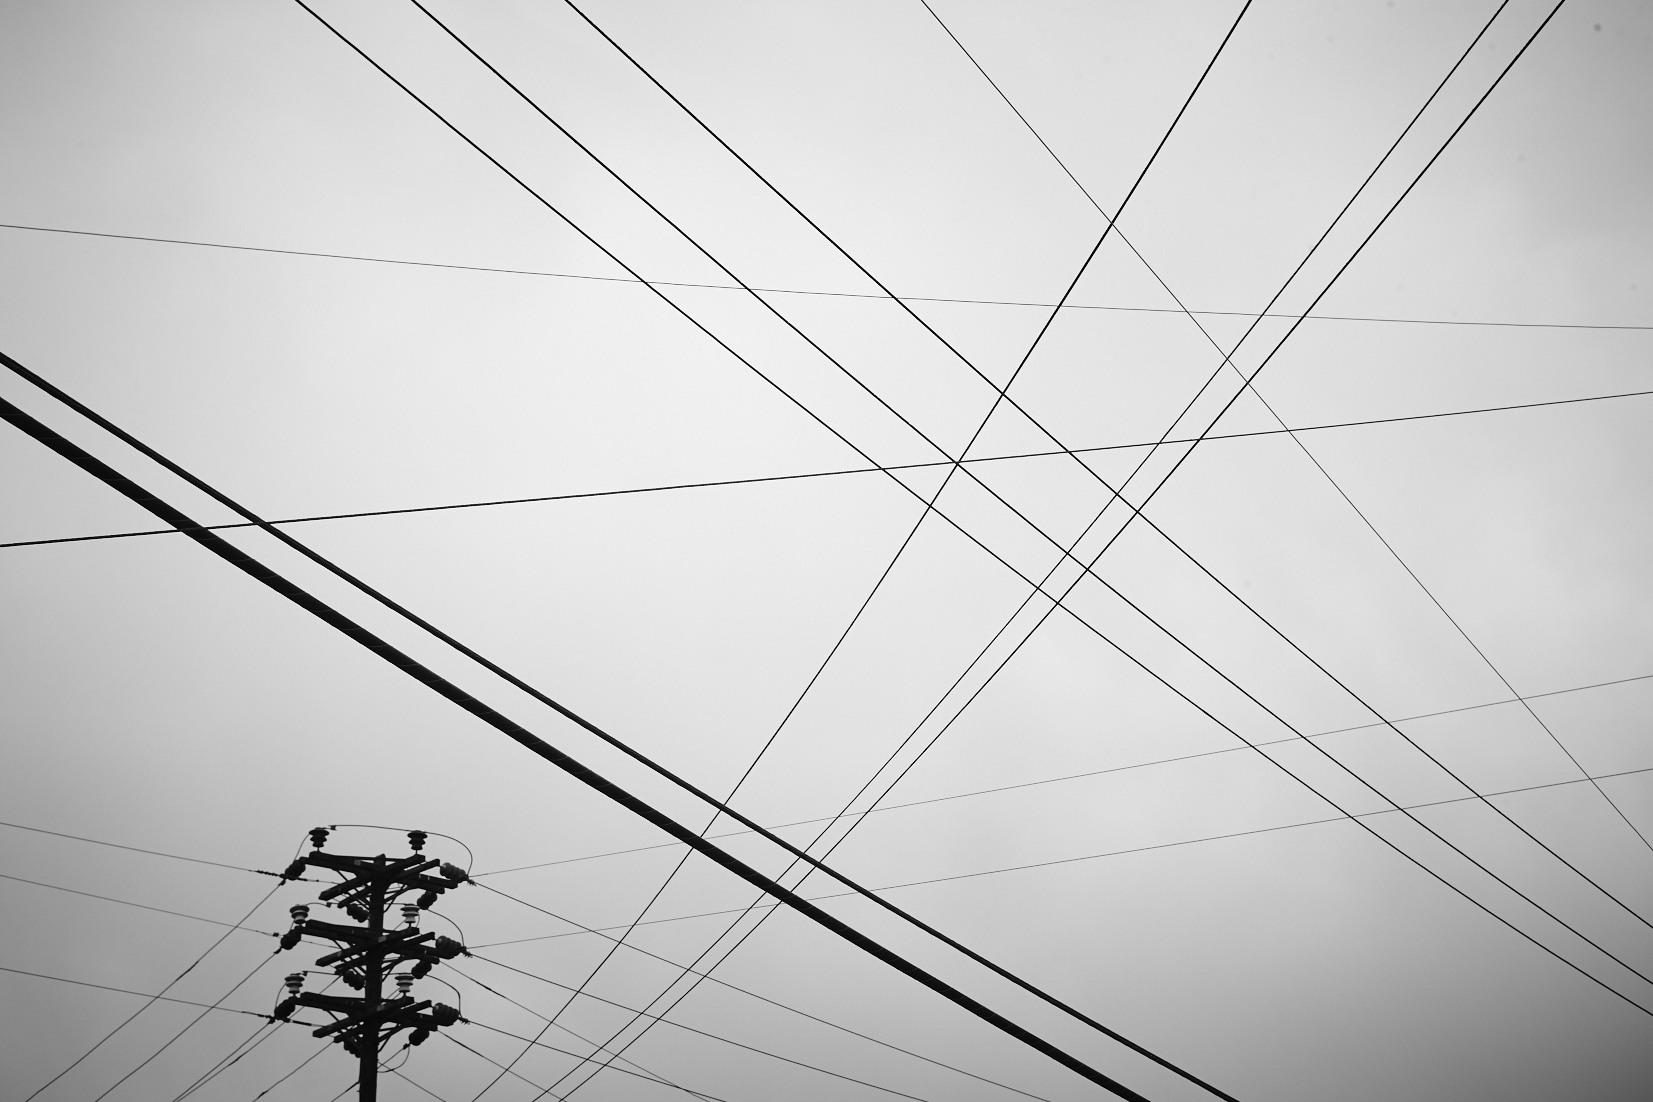 12-11-15-la-wires_481.jpg